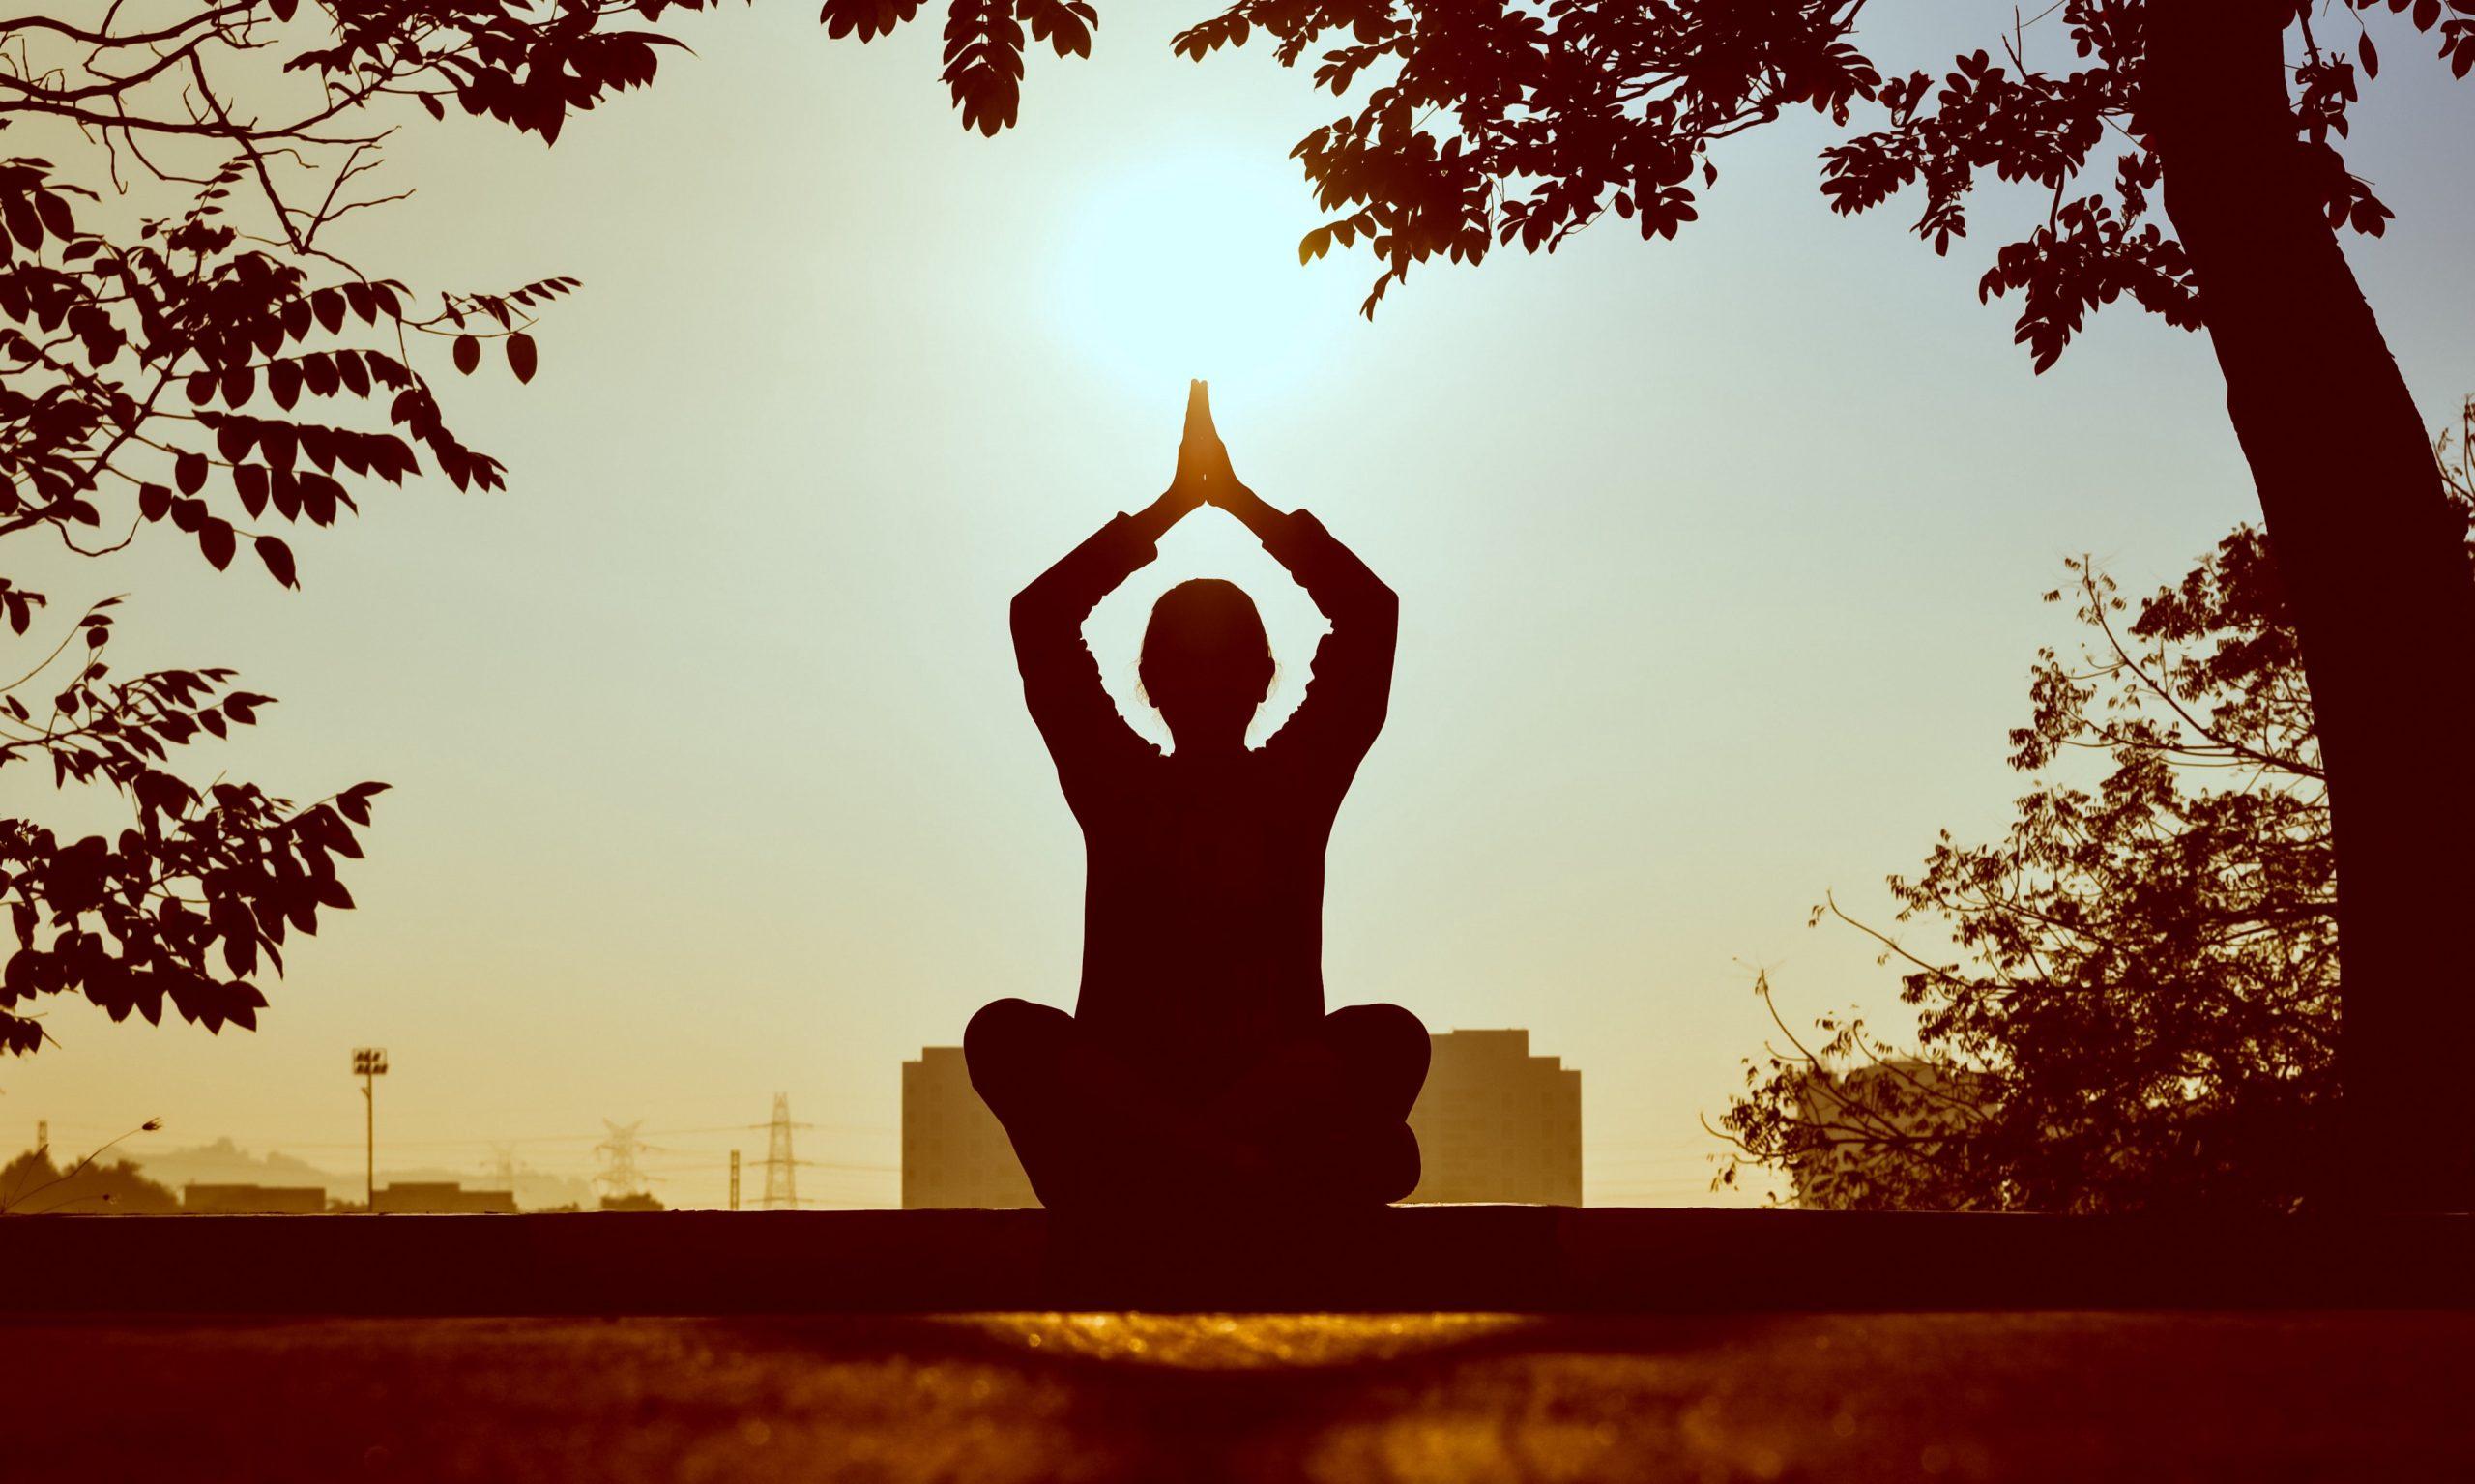 روکیدا - چگونه در 7 مرحله کارهای ناتمام خود را به پایان برسانیم! - زندگی سالم, سبک زندگی, مدیریت زندگی